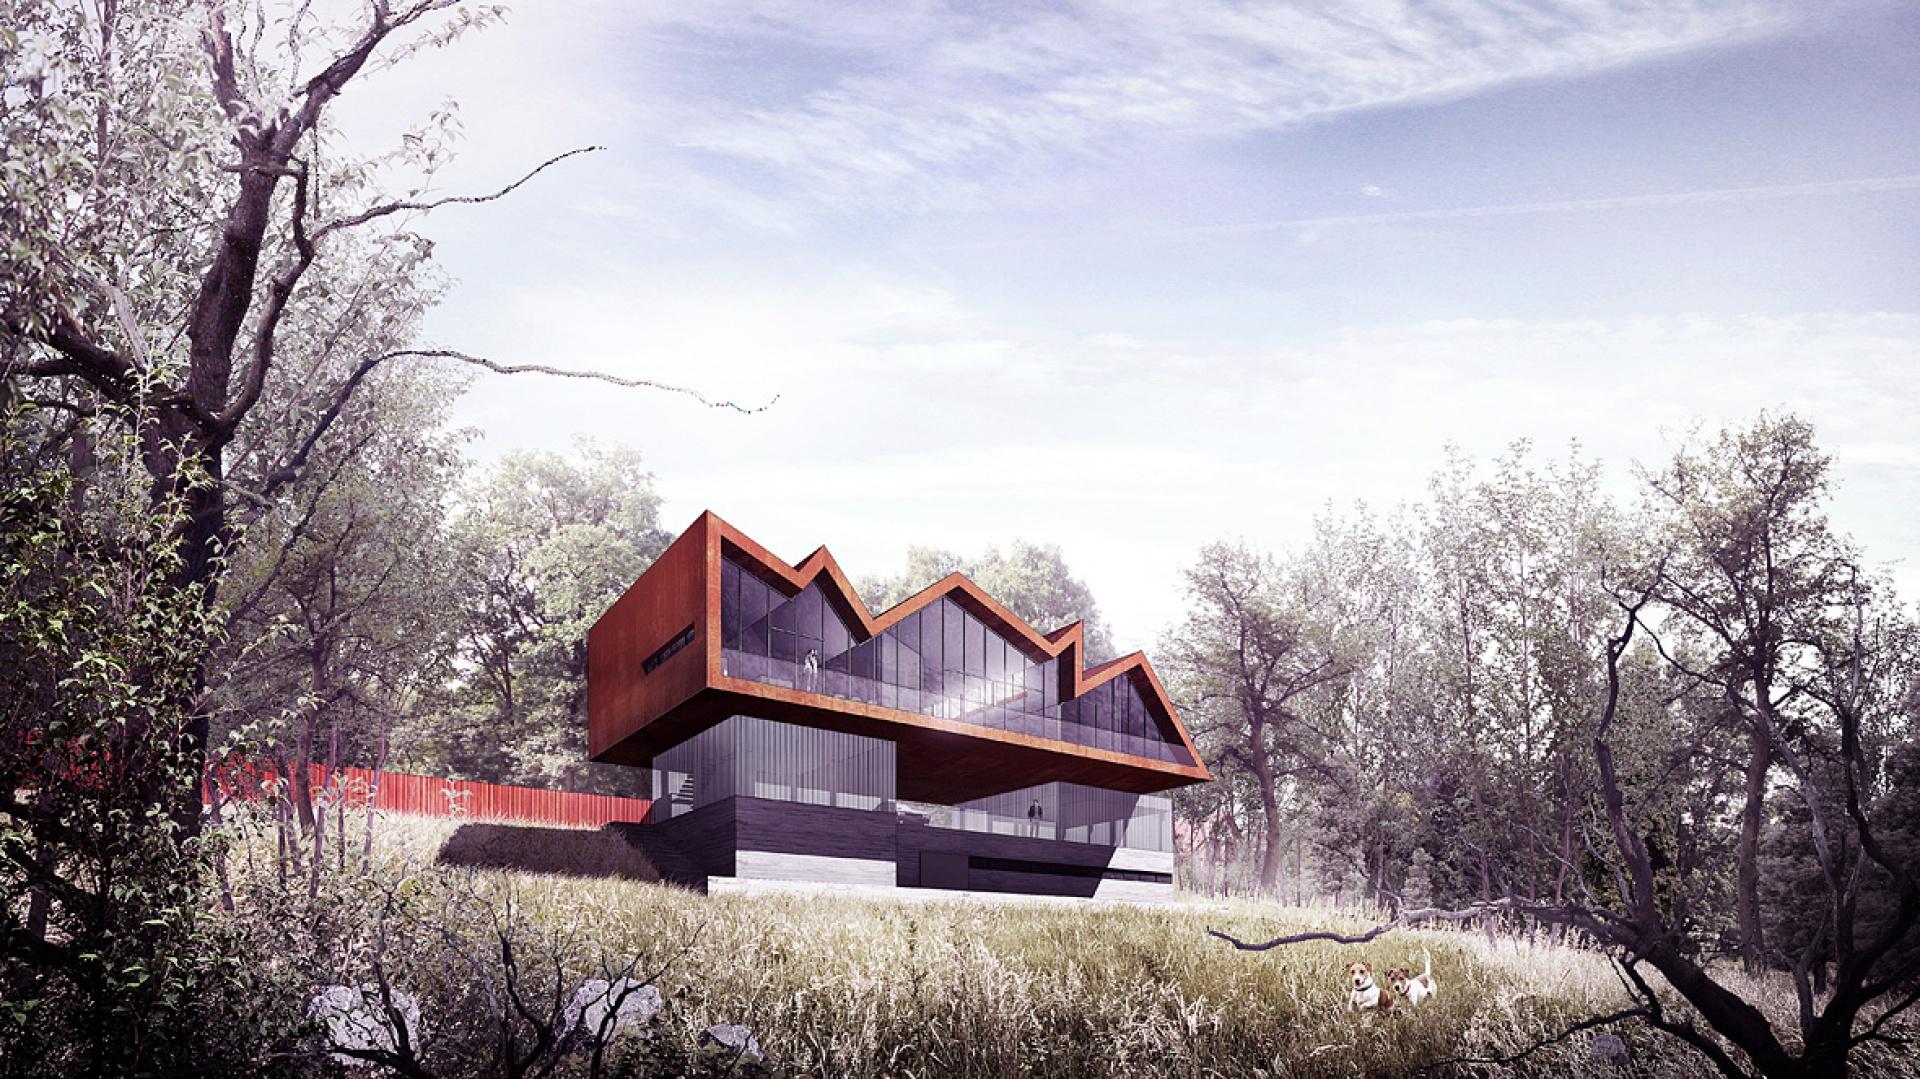 Zewnętrzna surowa faktura betonu z odciśniętymi słojami drewna stanowi formę podstawy domu osadzonej w stromym zboczu działki. Fot. BXBstudio Bogusław Barnaś